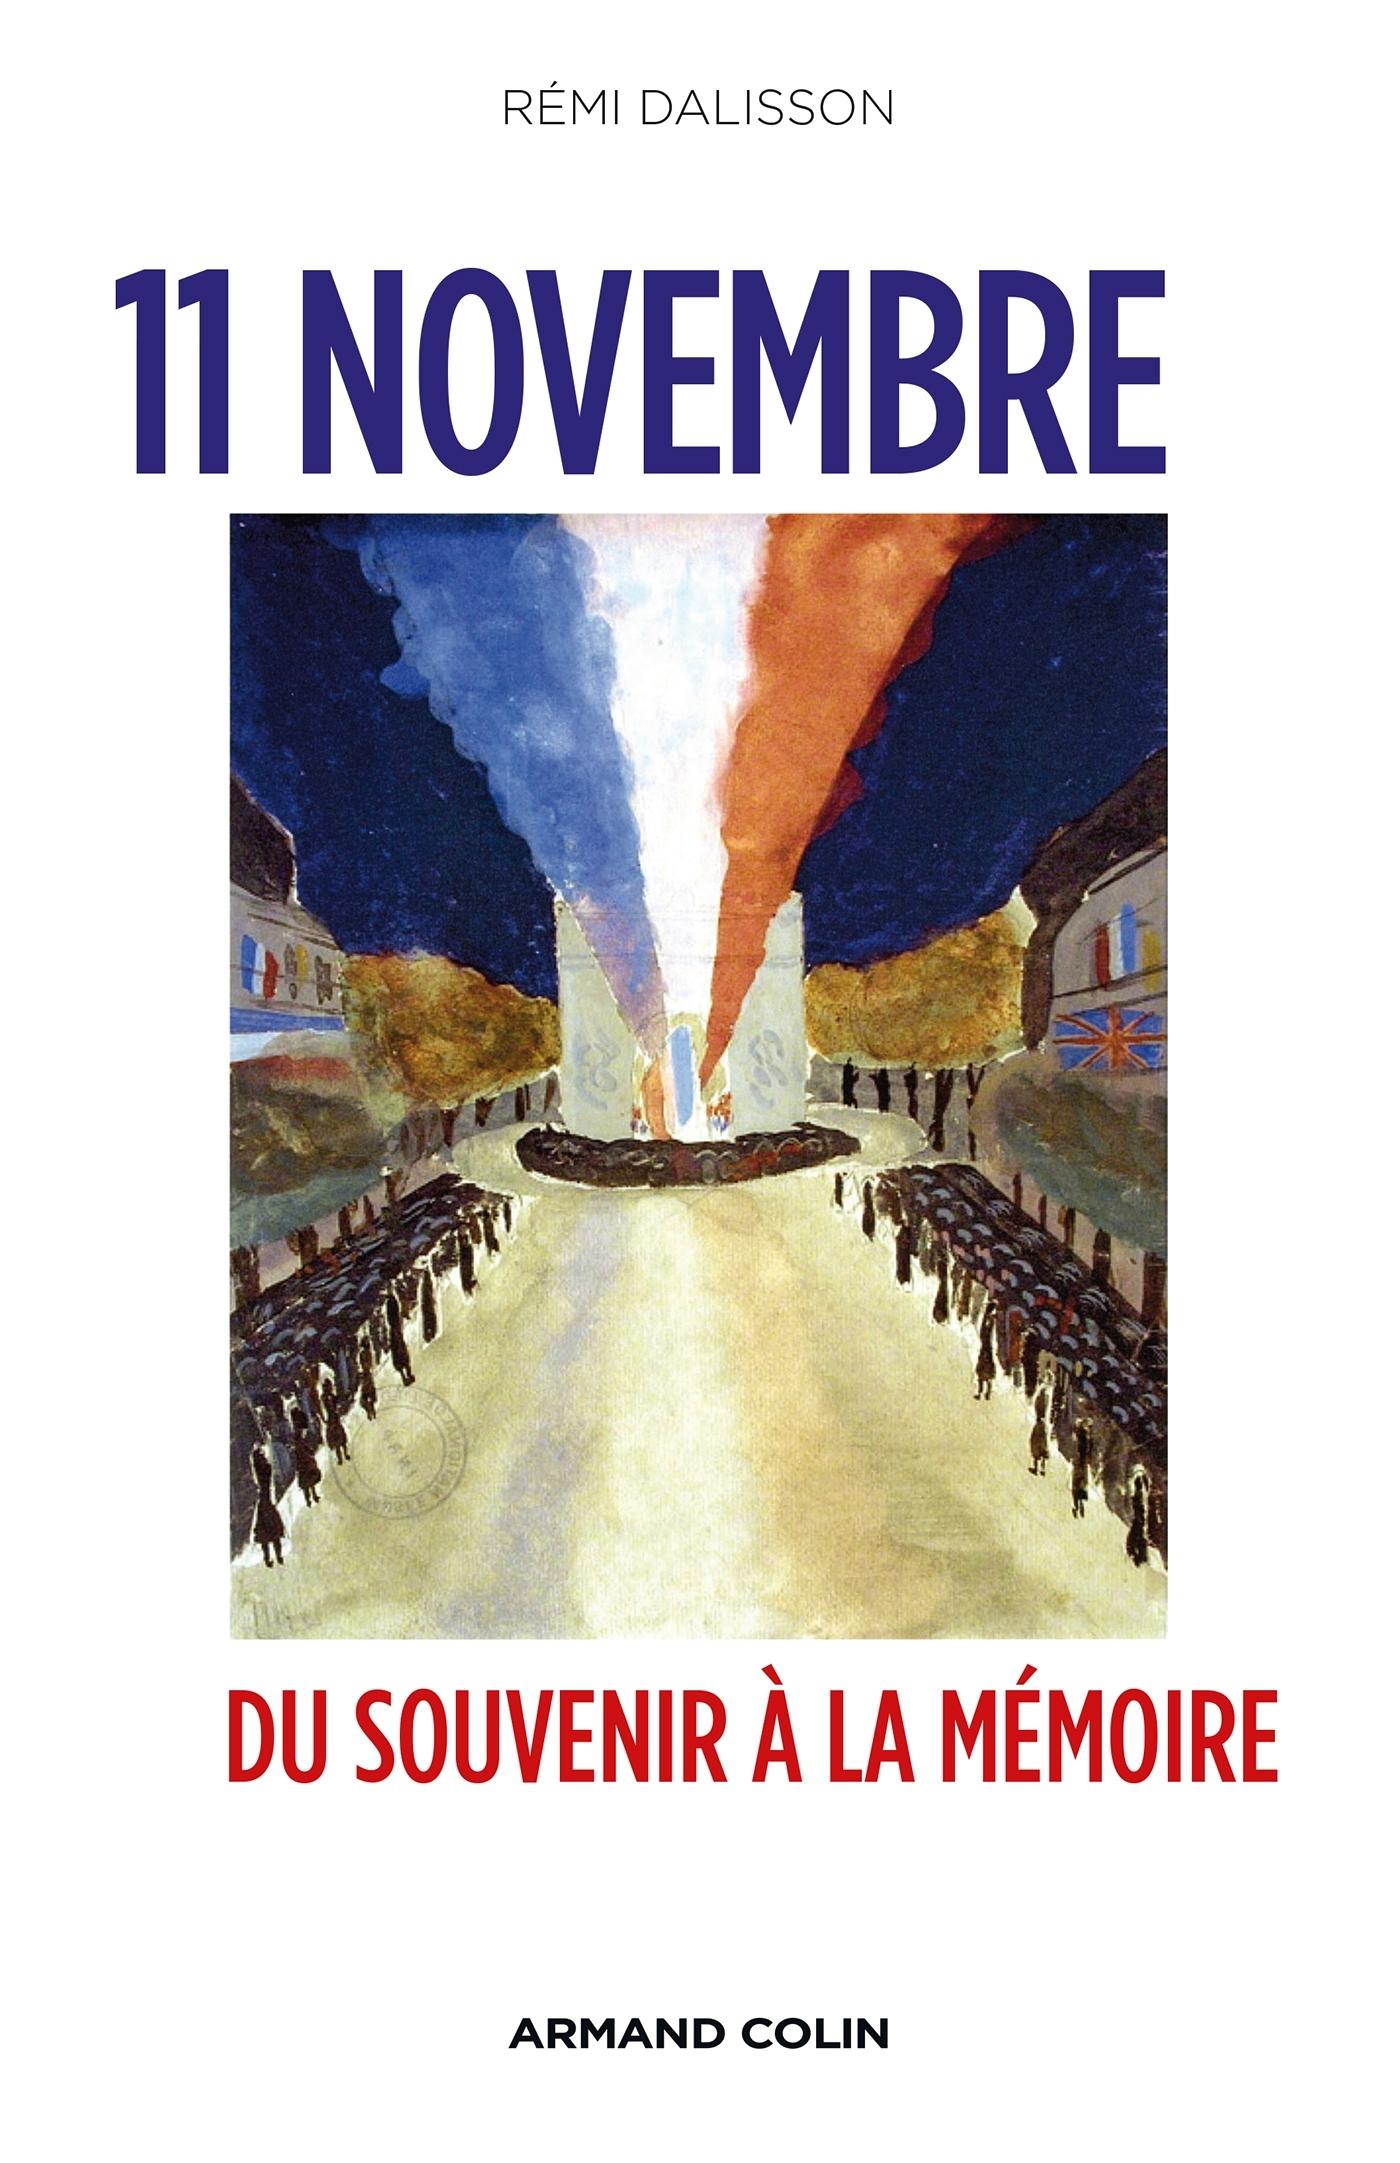 11 NOVEMBRE - DU SOUVENIR A LA MEMOIRE